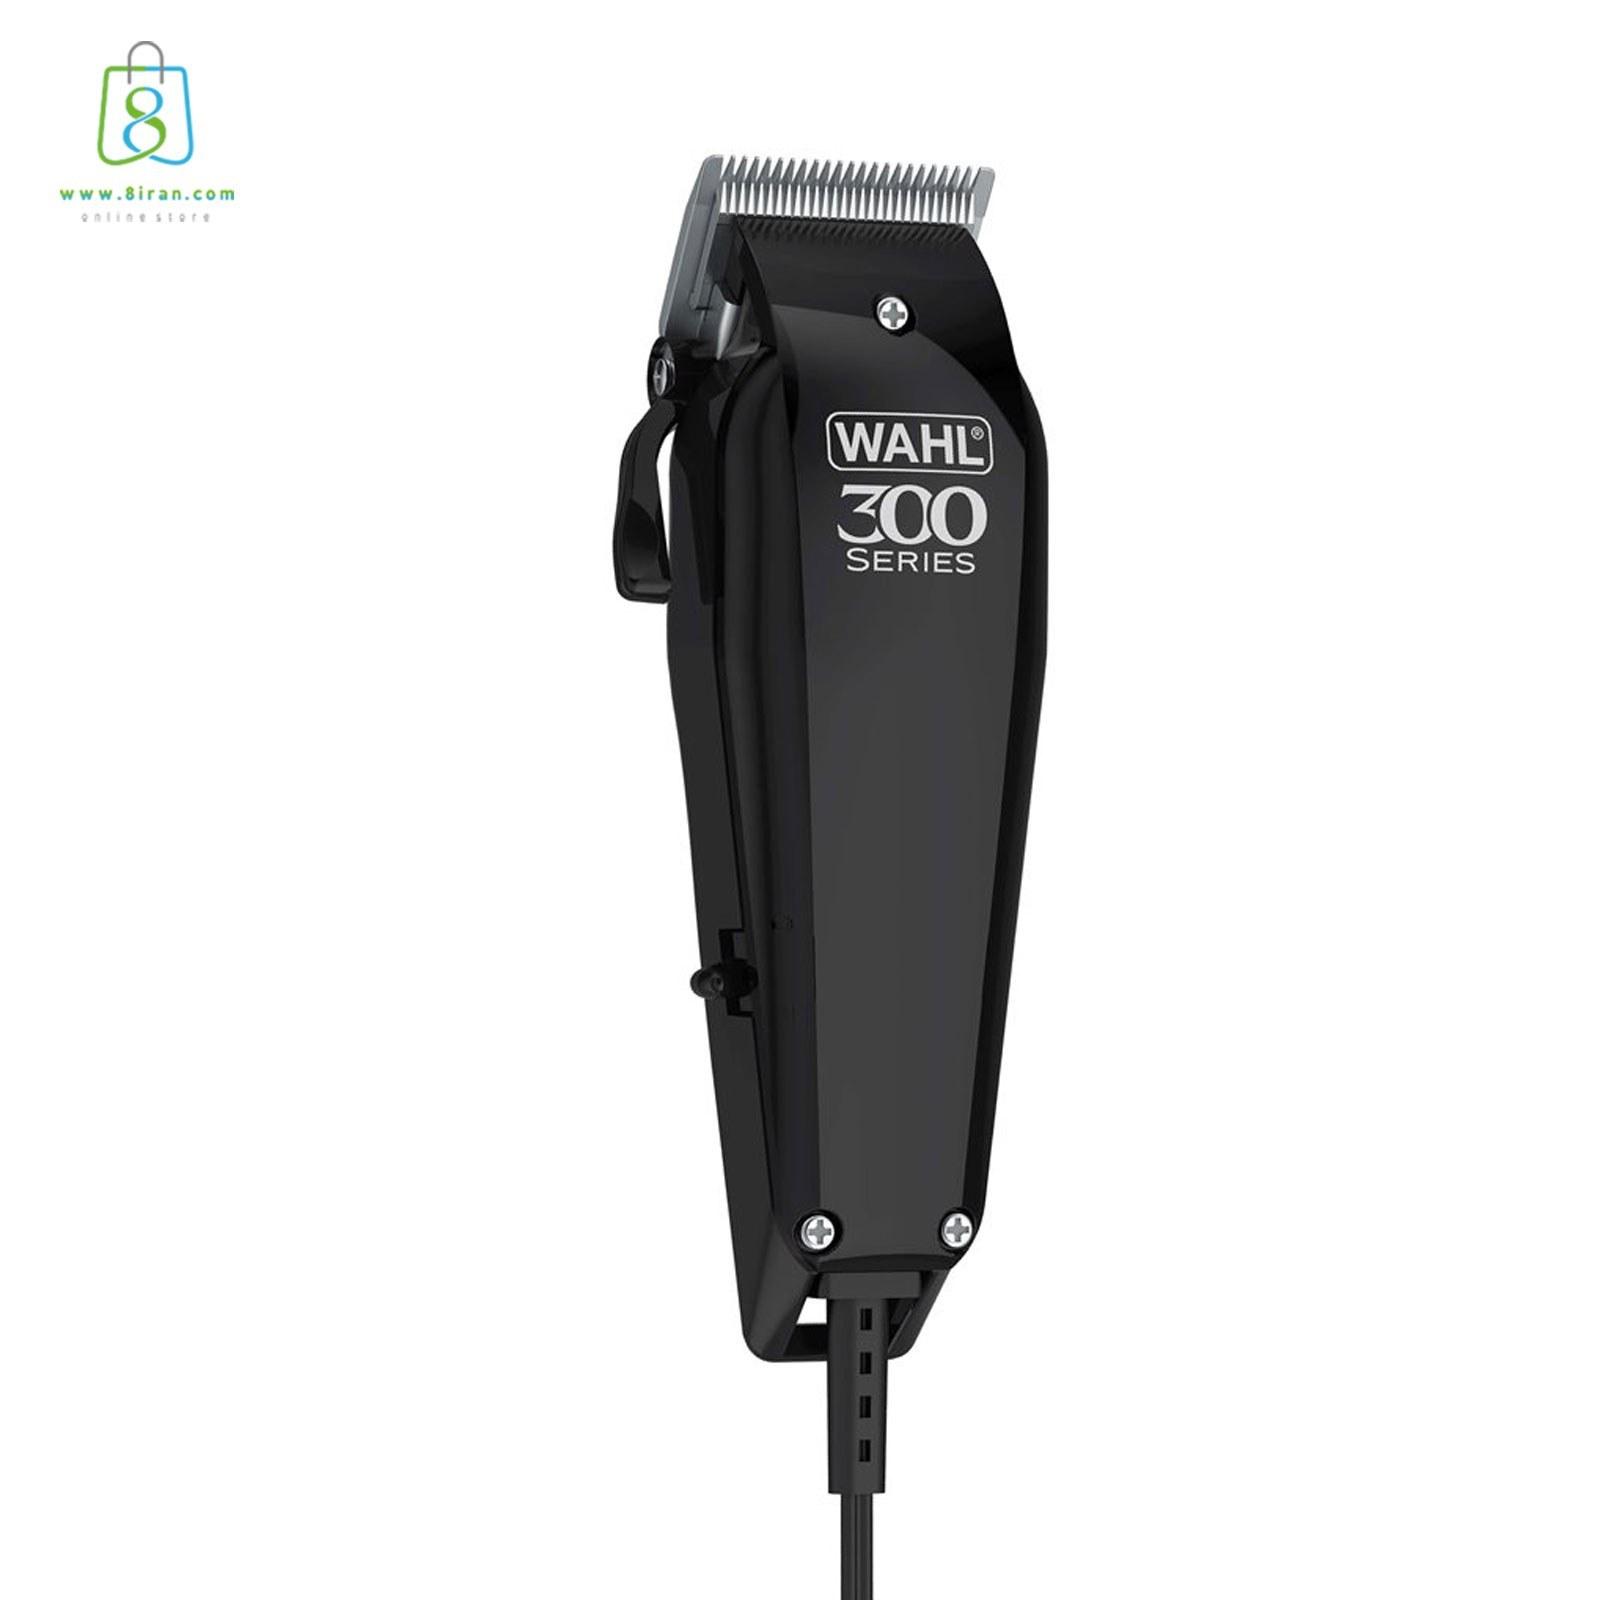 تصویر ماشین اصلاح سر و صورت وال مدل Home Pro 300 Series WAHL Home Pro 300 Series Complete Haircutting Kit